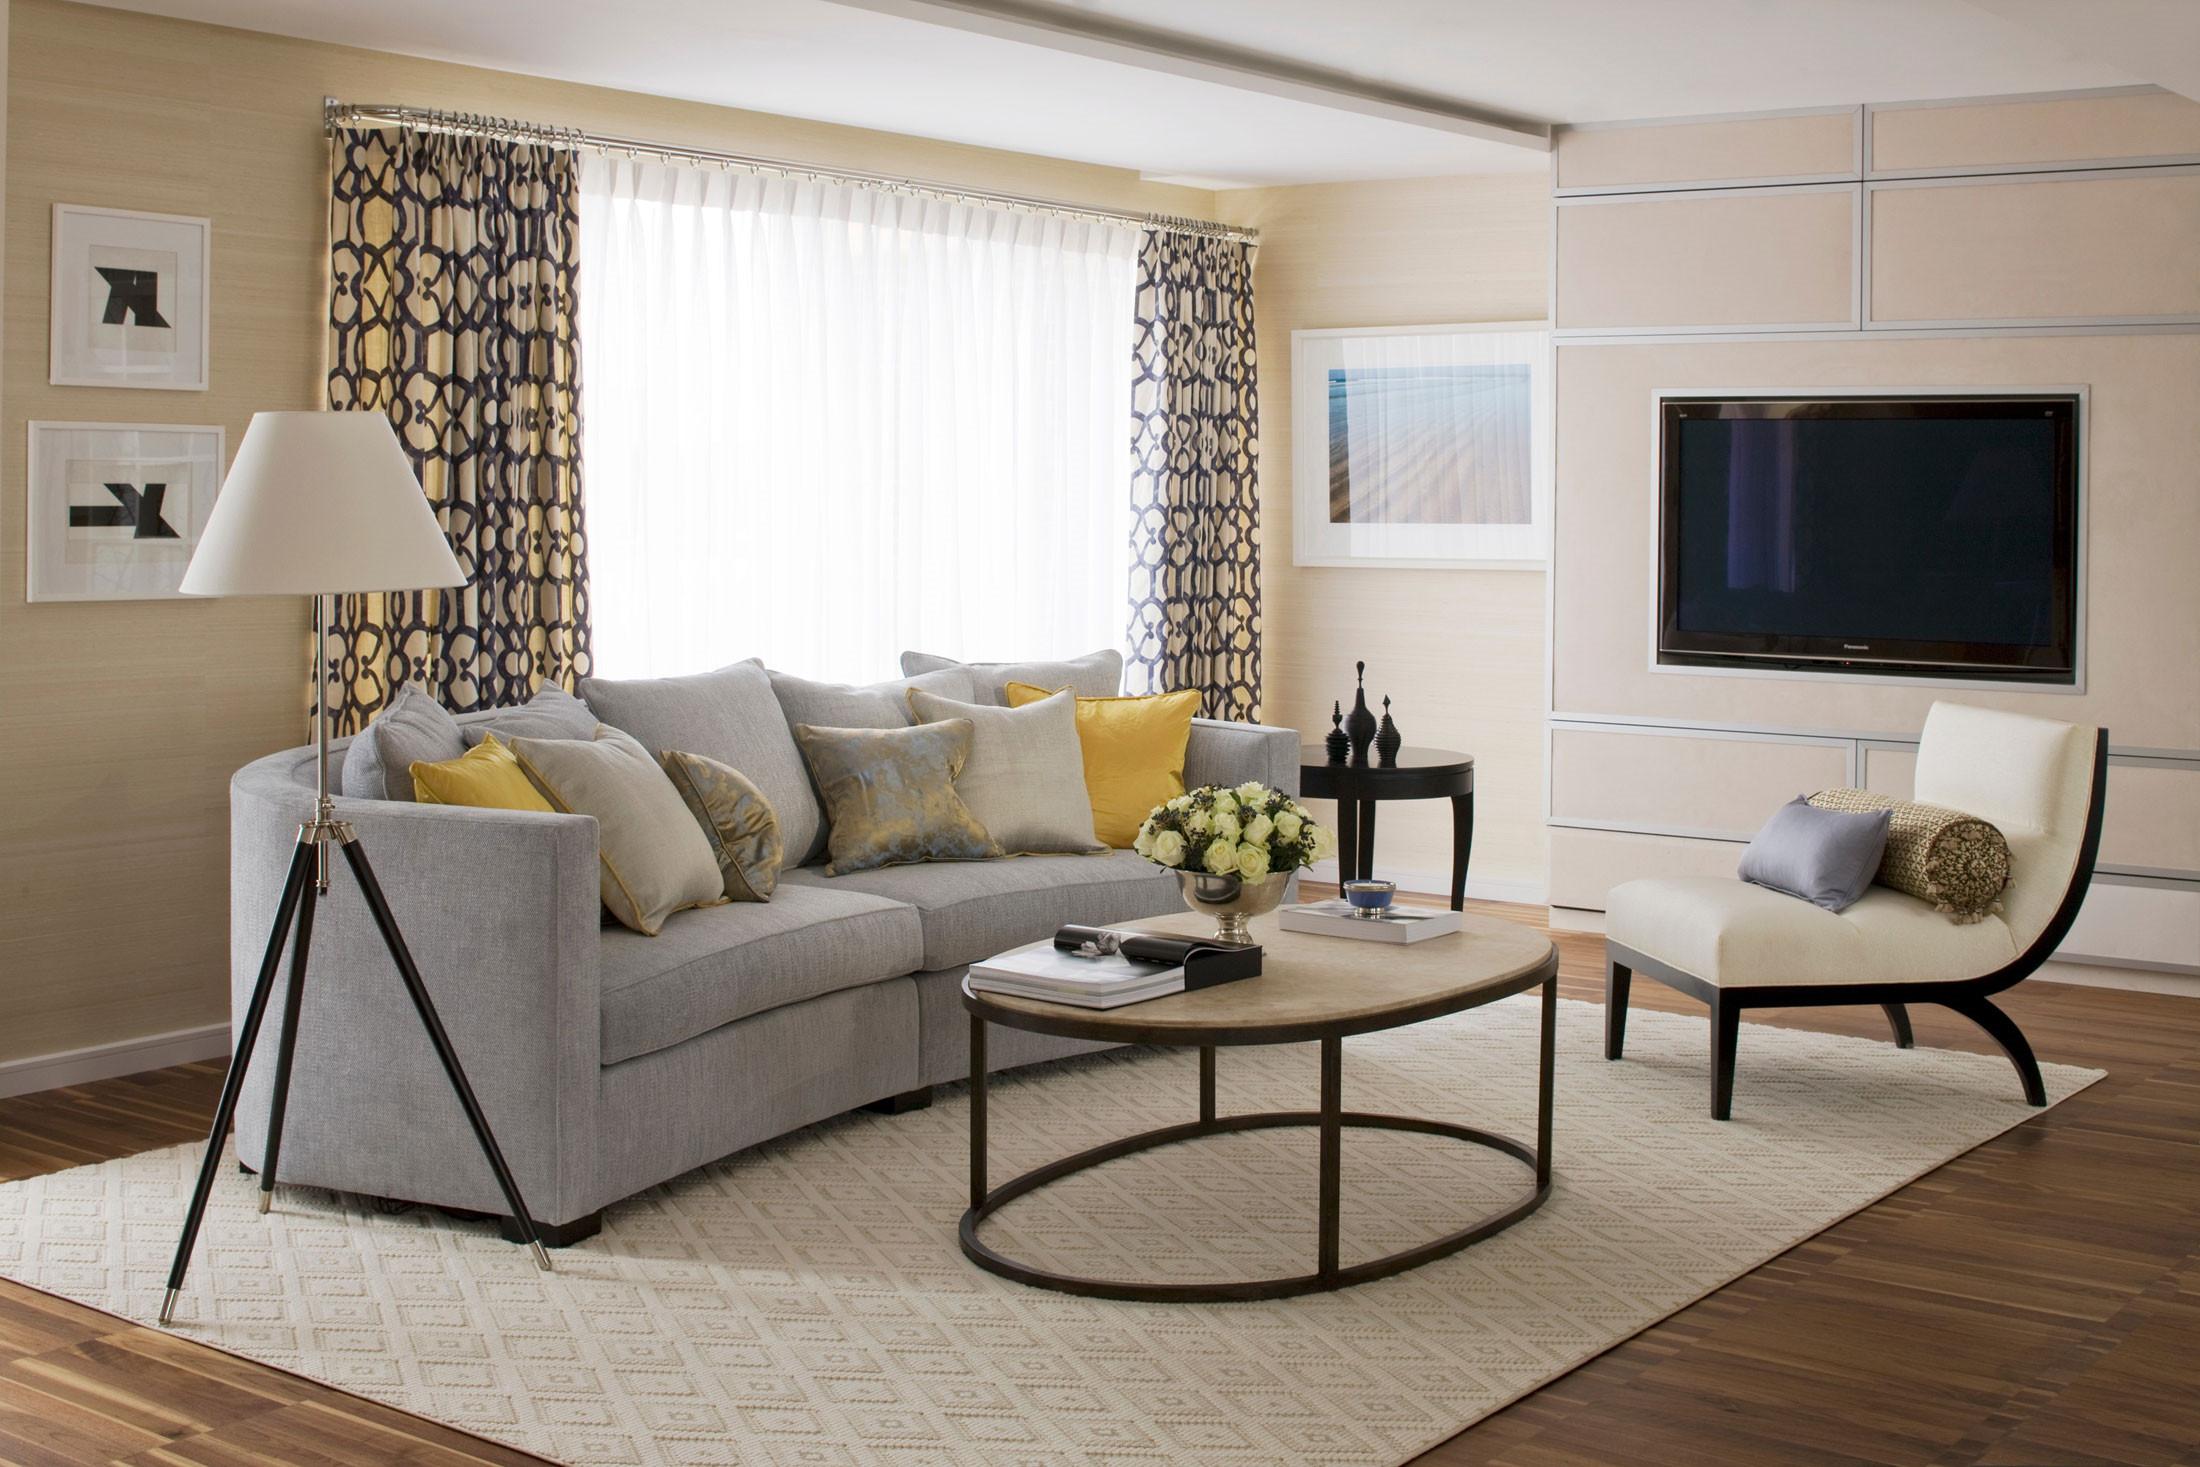 暖暖的阳光从窗户照进来,家里的光线十分的充足。而客厅虽小,但是颜值却很高。